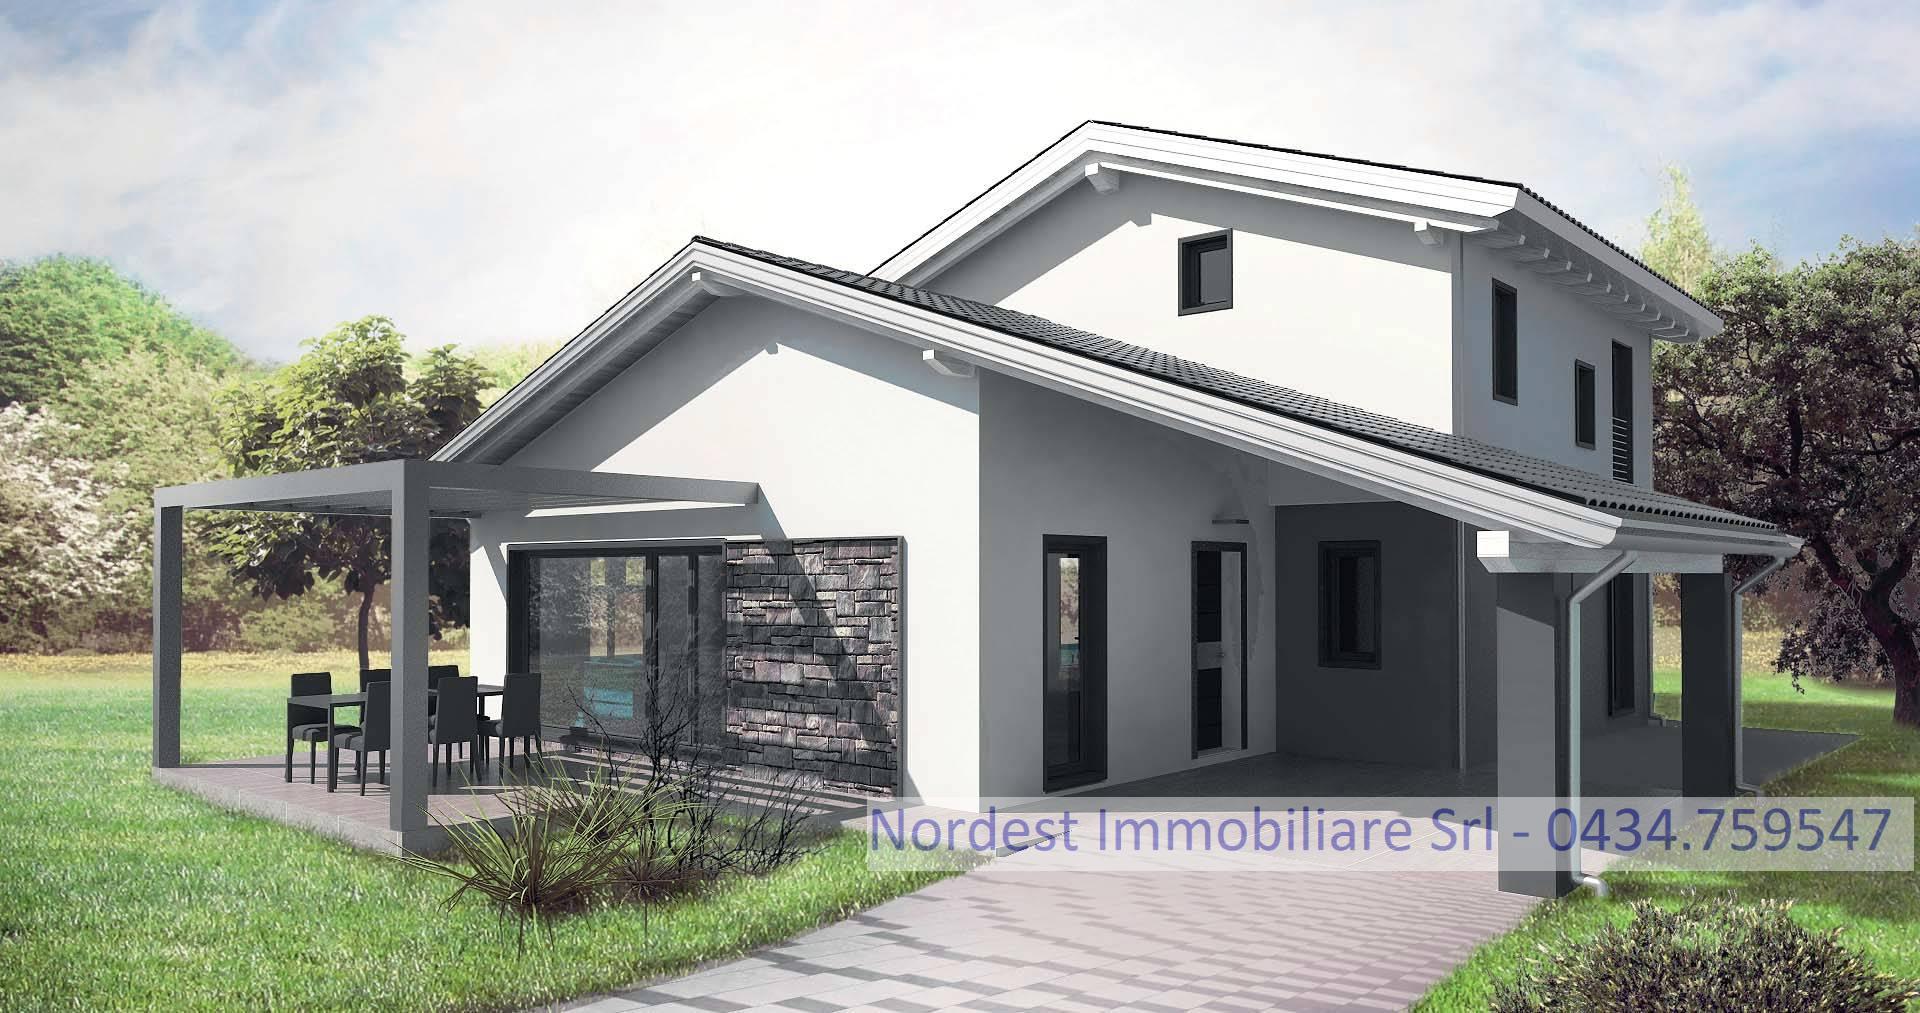 Soluzione Indipendente in vendita a Pontelongo, 6 locali, prezzo € 160.000 | CambioCasa.it